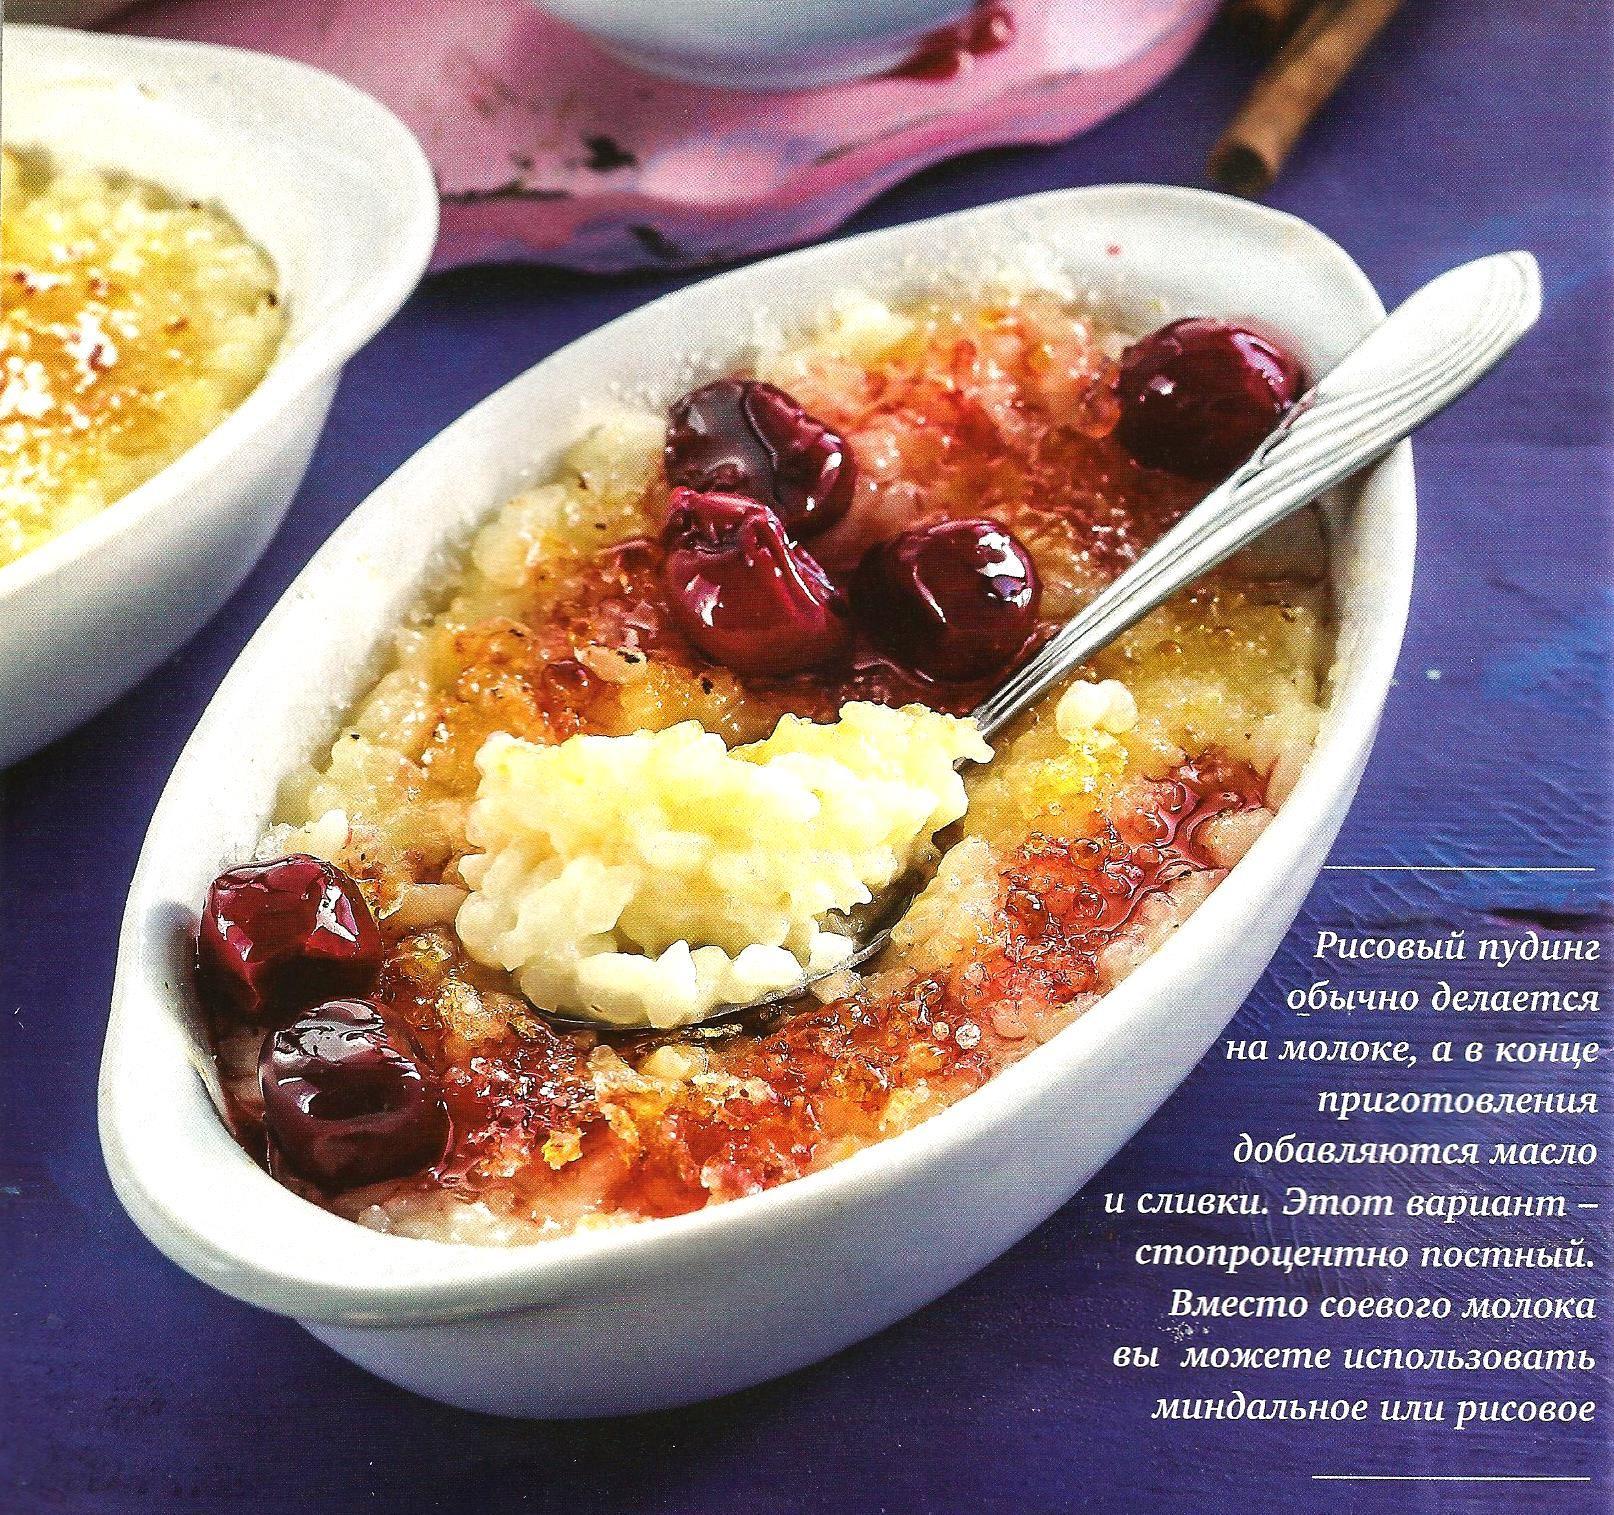 Постный суп с чечевицей и соевым молоком Кулинарный сайт